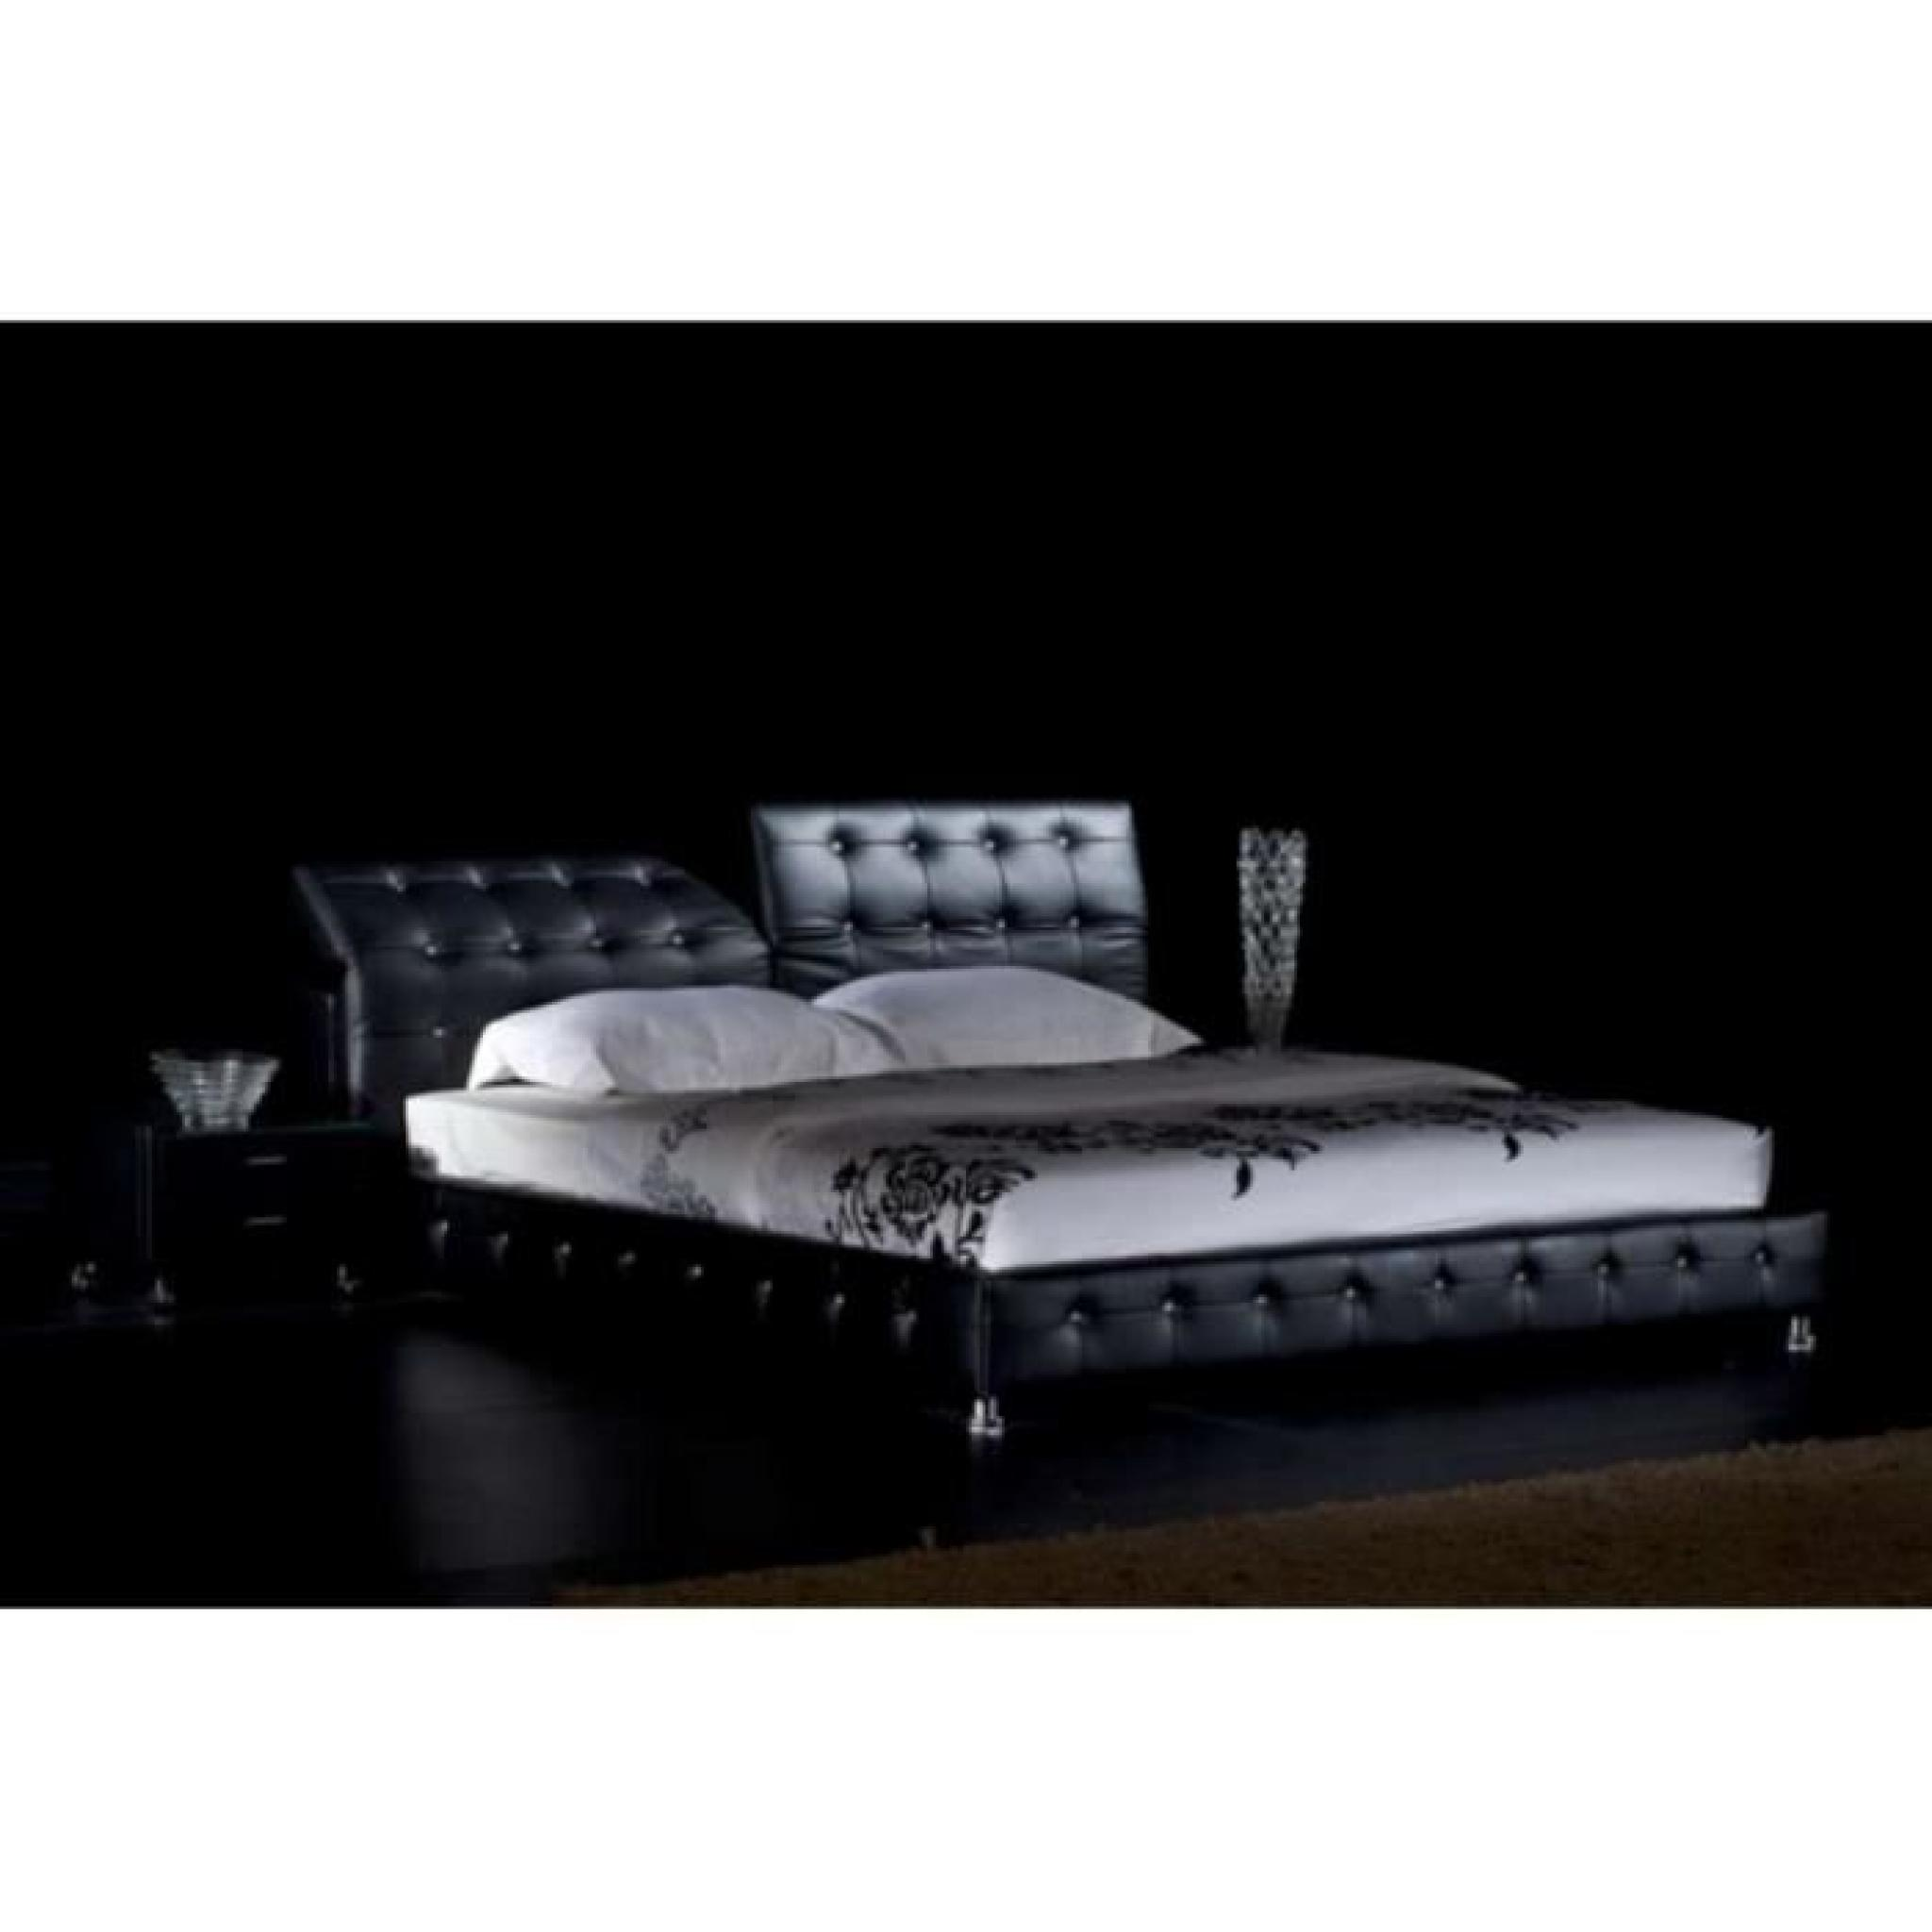 justhome theatro noir lit rembourr en cuir cologique taille 200 x 200 cm achat vente lit. Black Bedroom Furniture Sets. Home Design Ideas